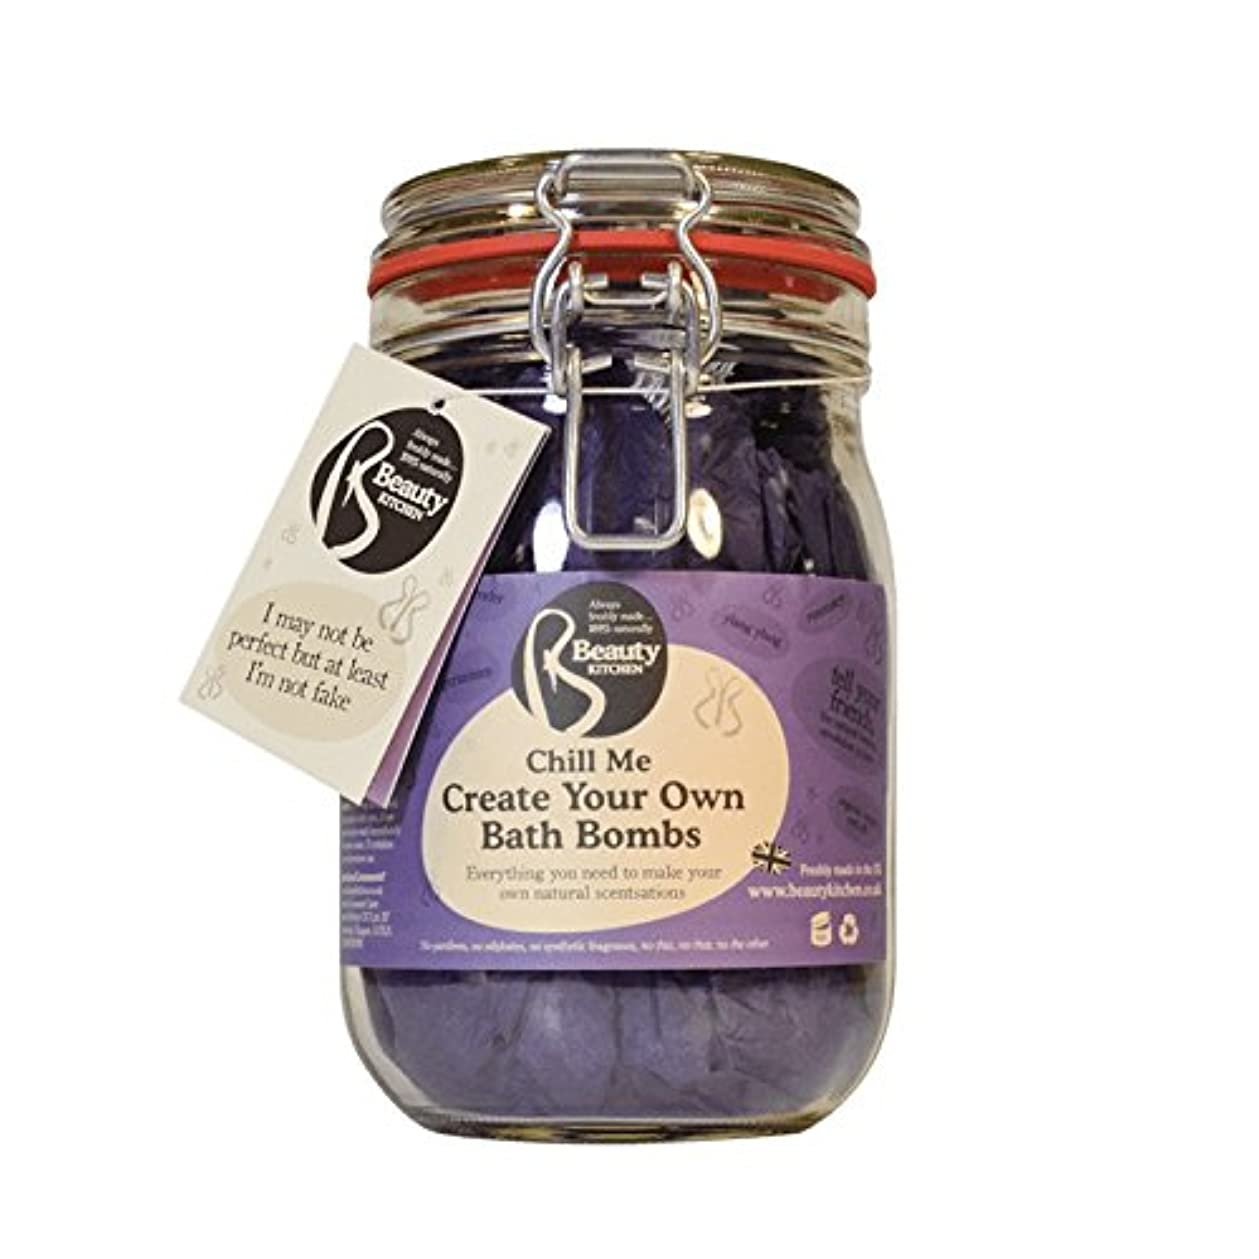 勇敢なスプリット手錠Beauty Kitchen Chill Me Create Your Own Bath Bomb Kit (Pack of 2) - 美しさのキッチンは私が自分自身の風呂爆弾キットを作成して冷やします (x2) [並行輸入品]